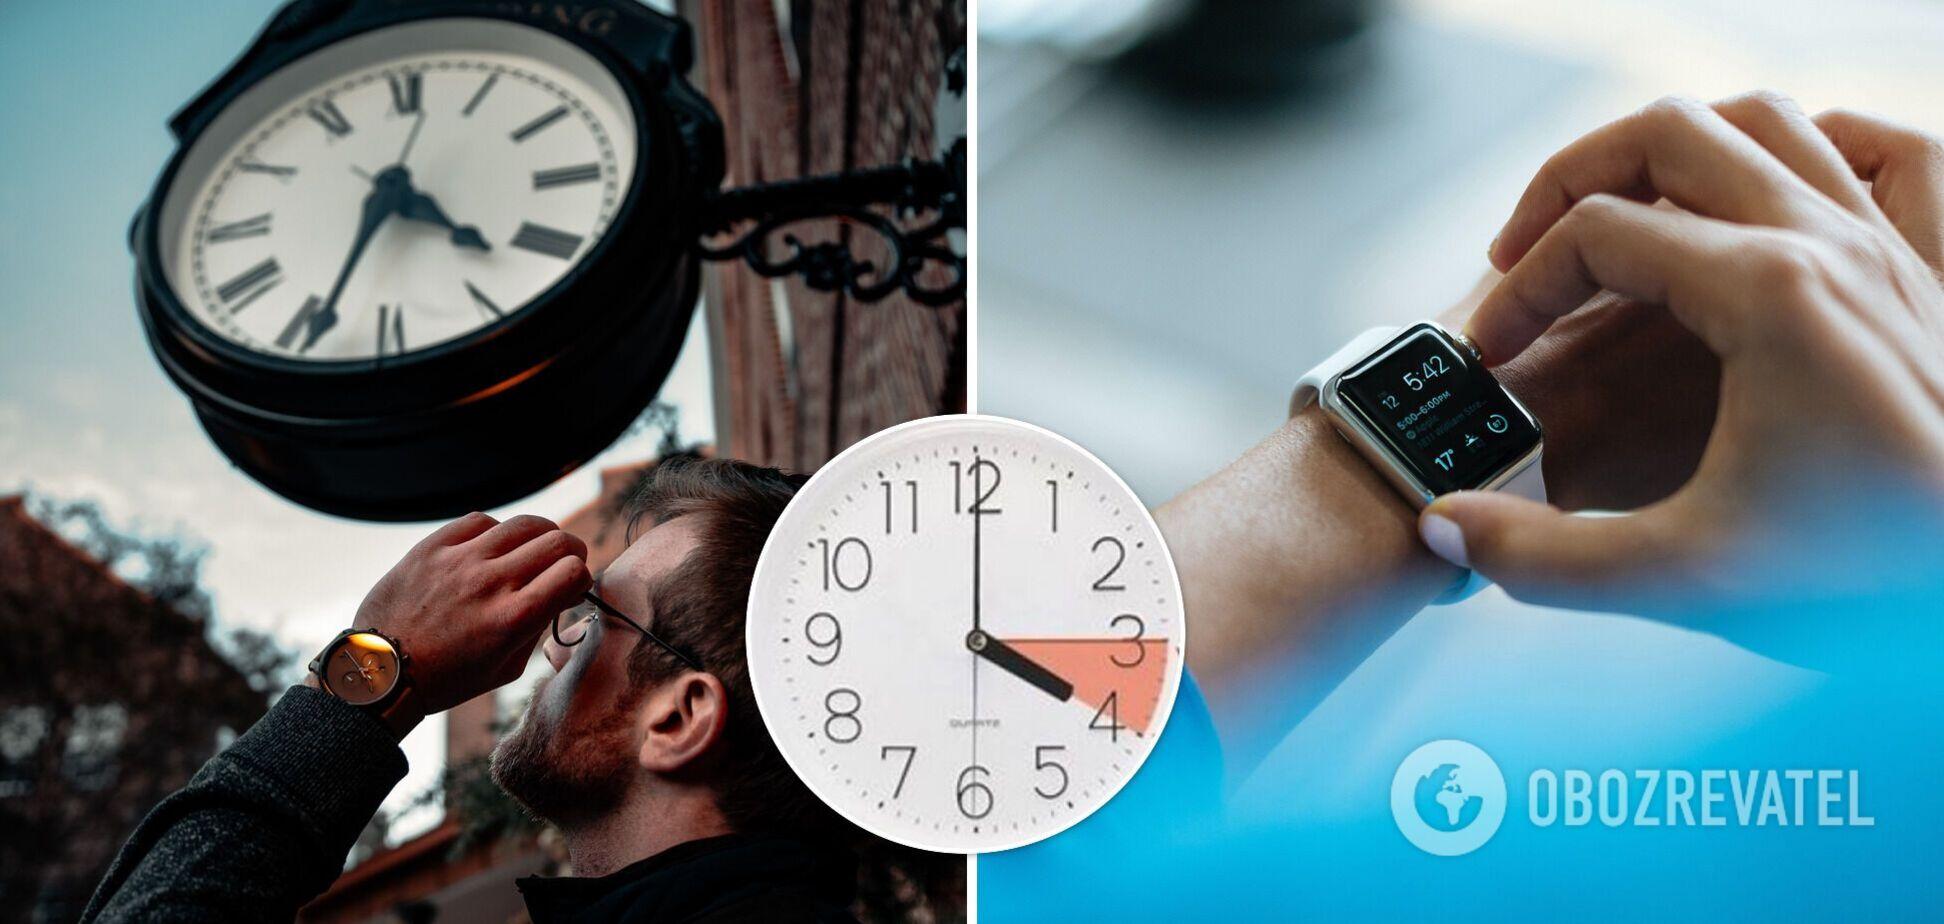 Перехід на зимовий час: як мінімізувати стрес і не заплутатися з переведенням годинників